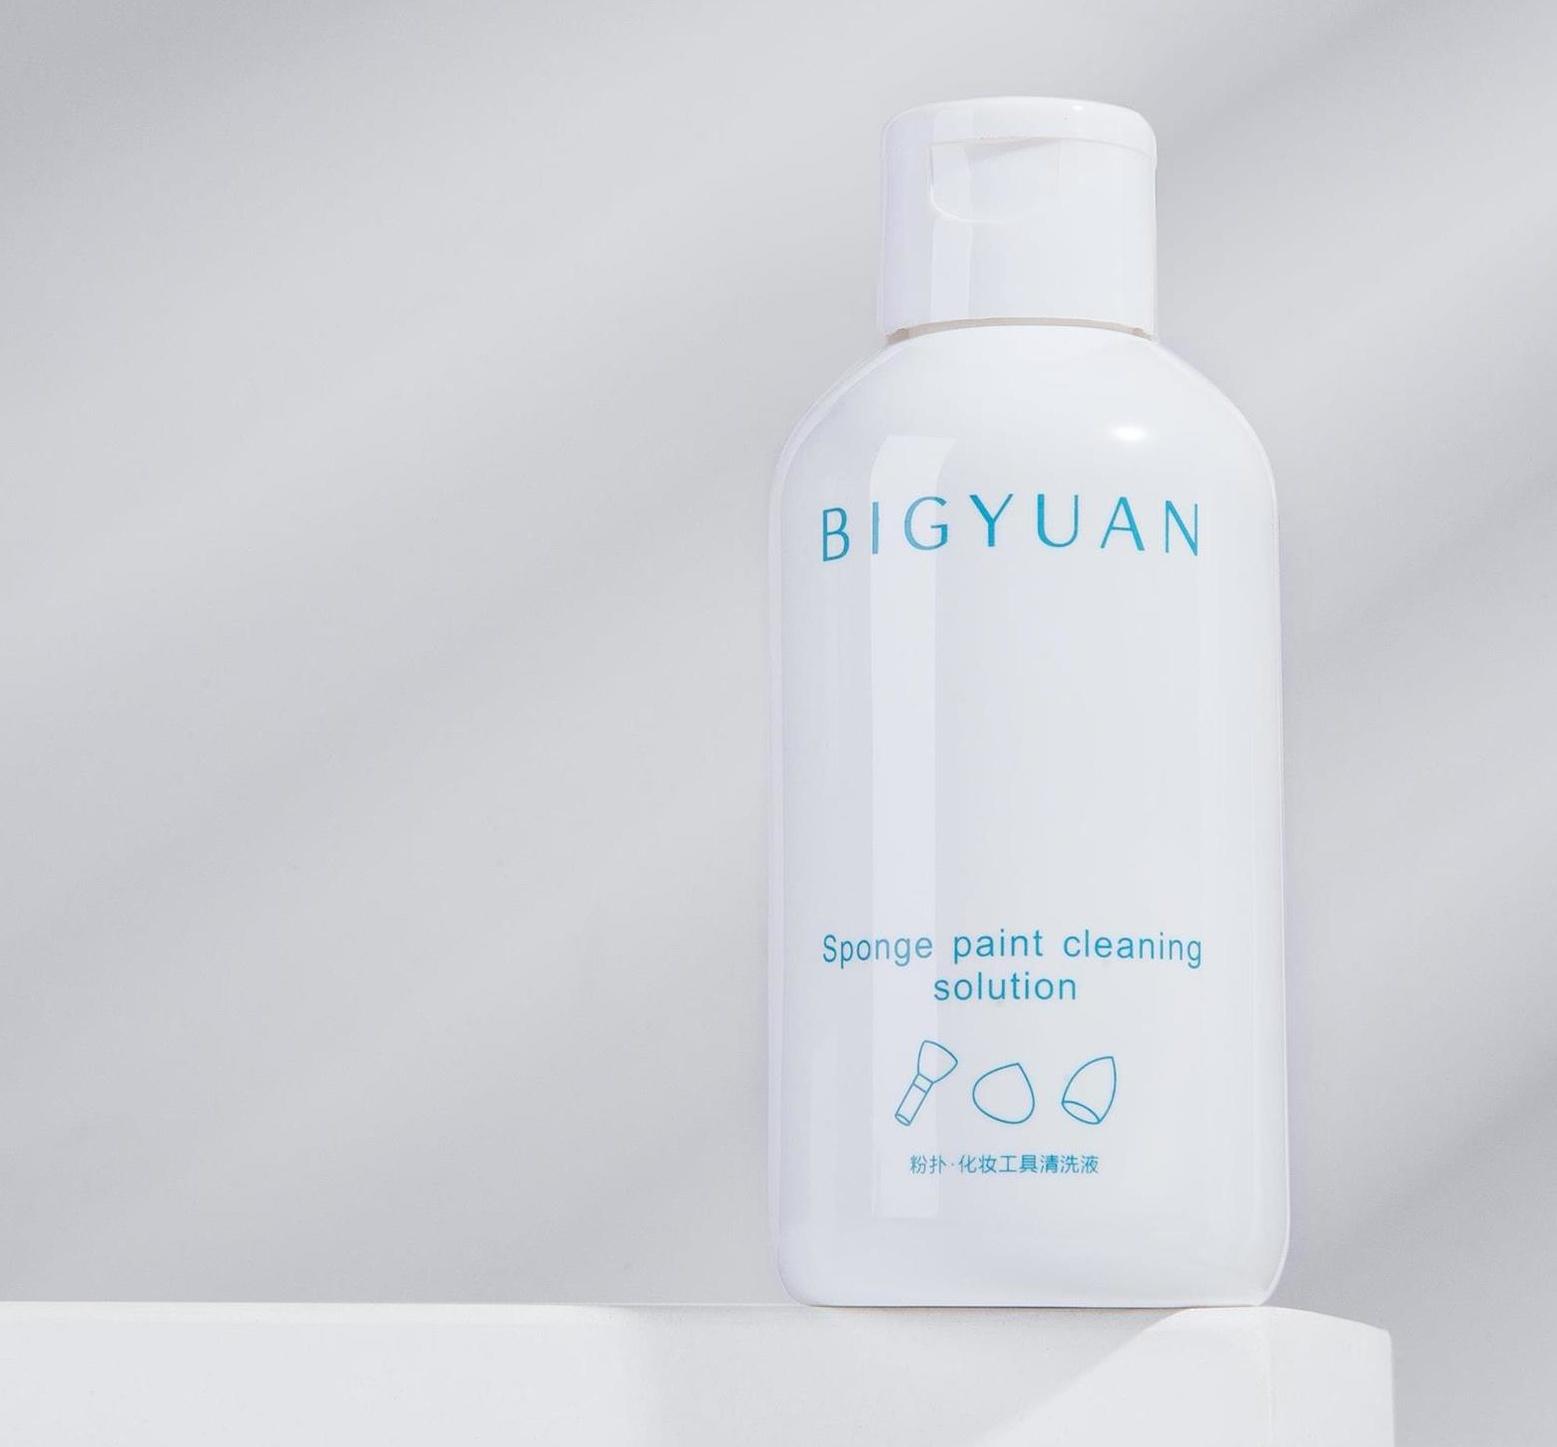 广西美妆品牌,美妆工具清洗剂供应链平台